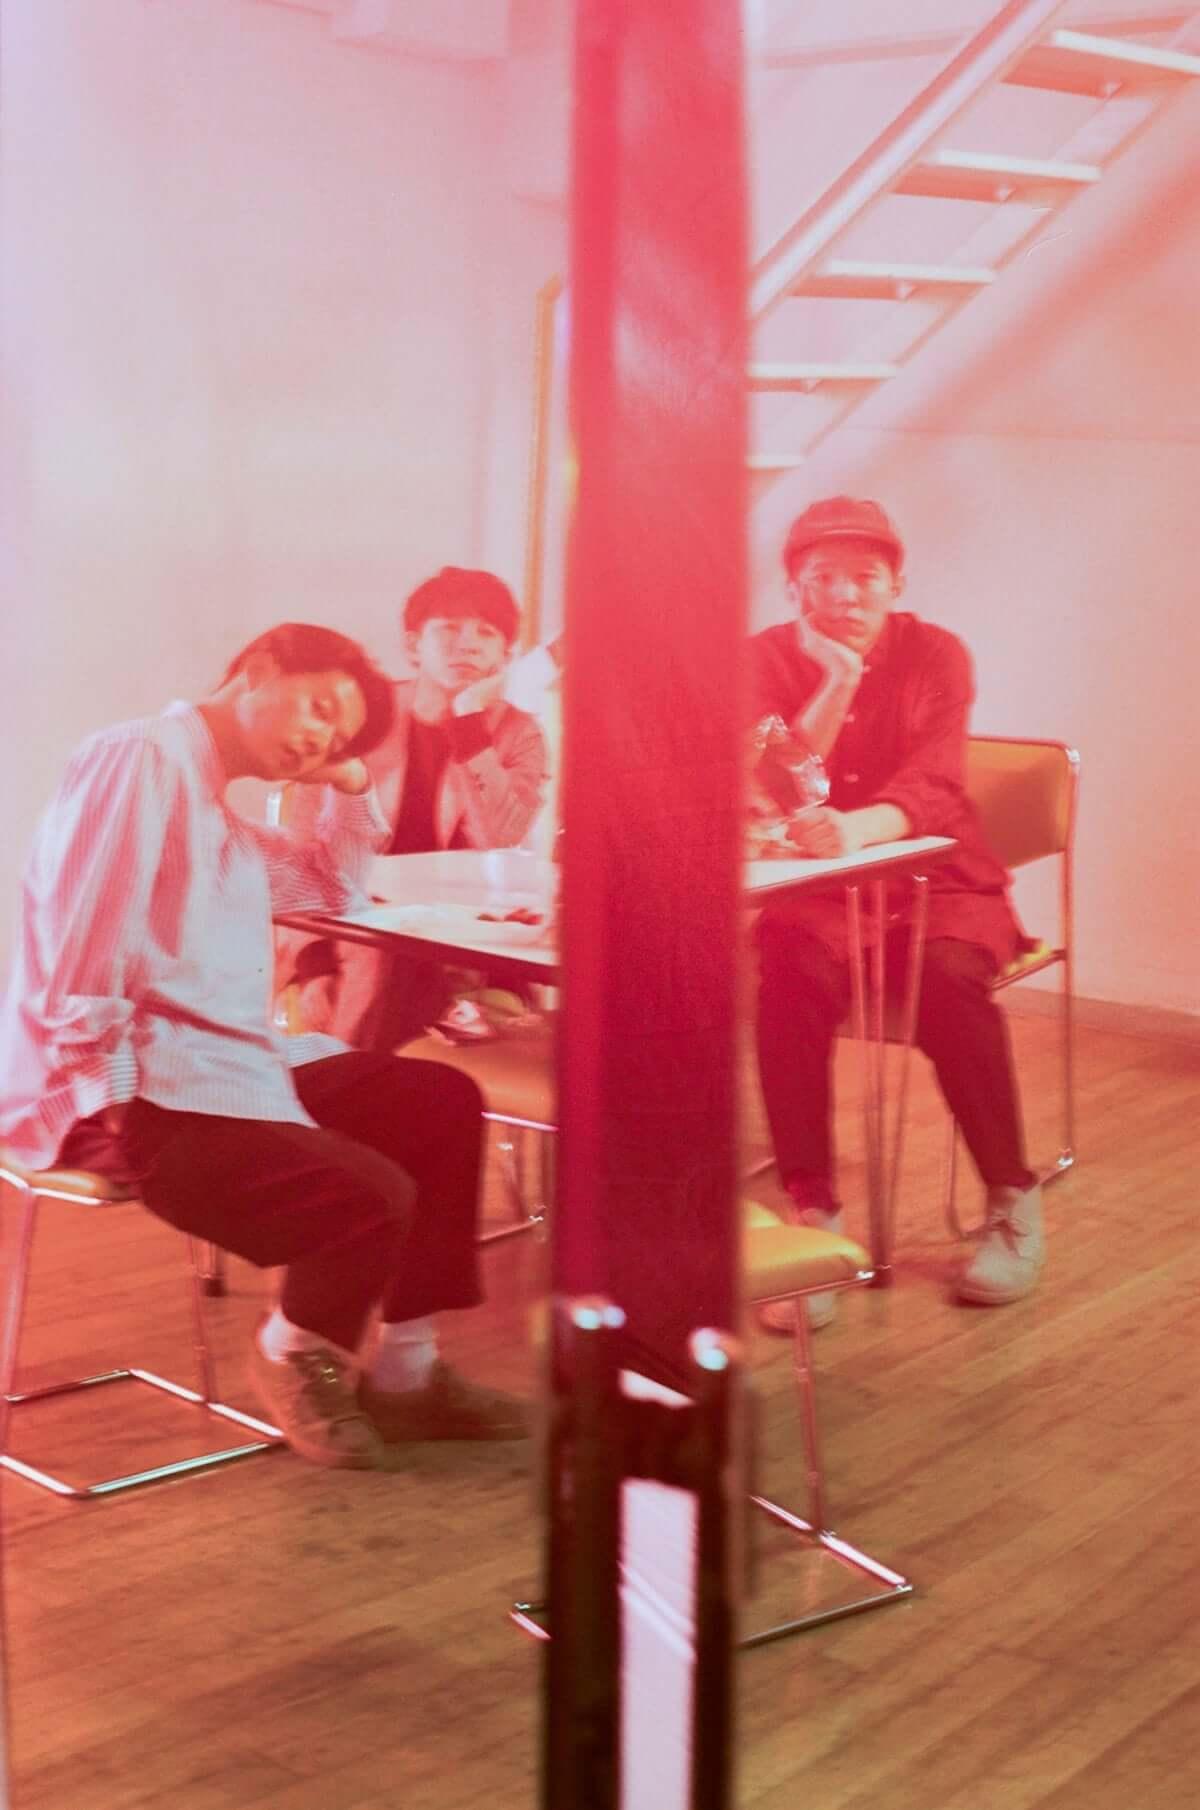 cero初となるNHKホールでのワンマン公演「別天」が5月に開催 music190219-cero-1200x1810